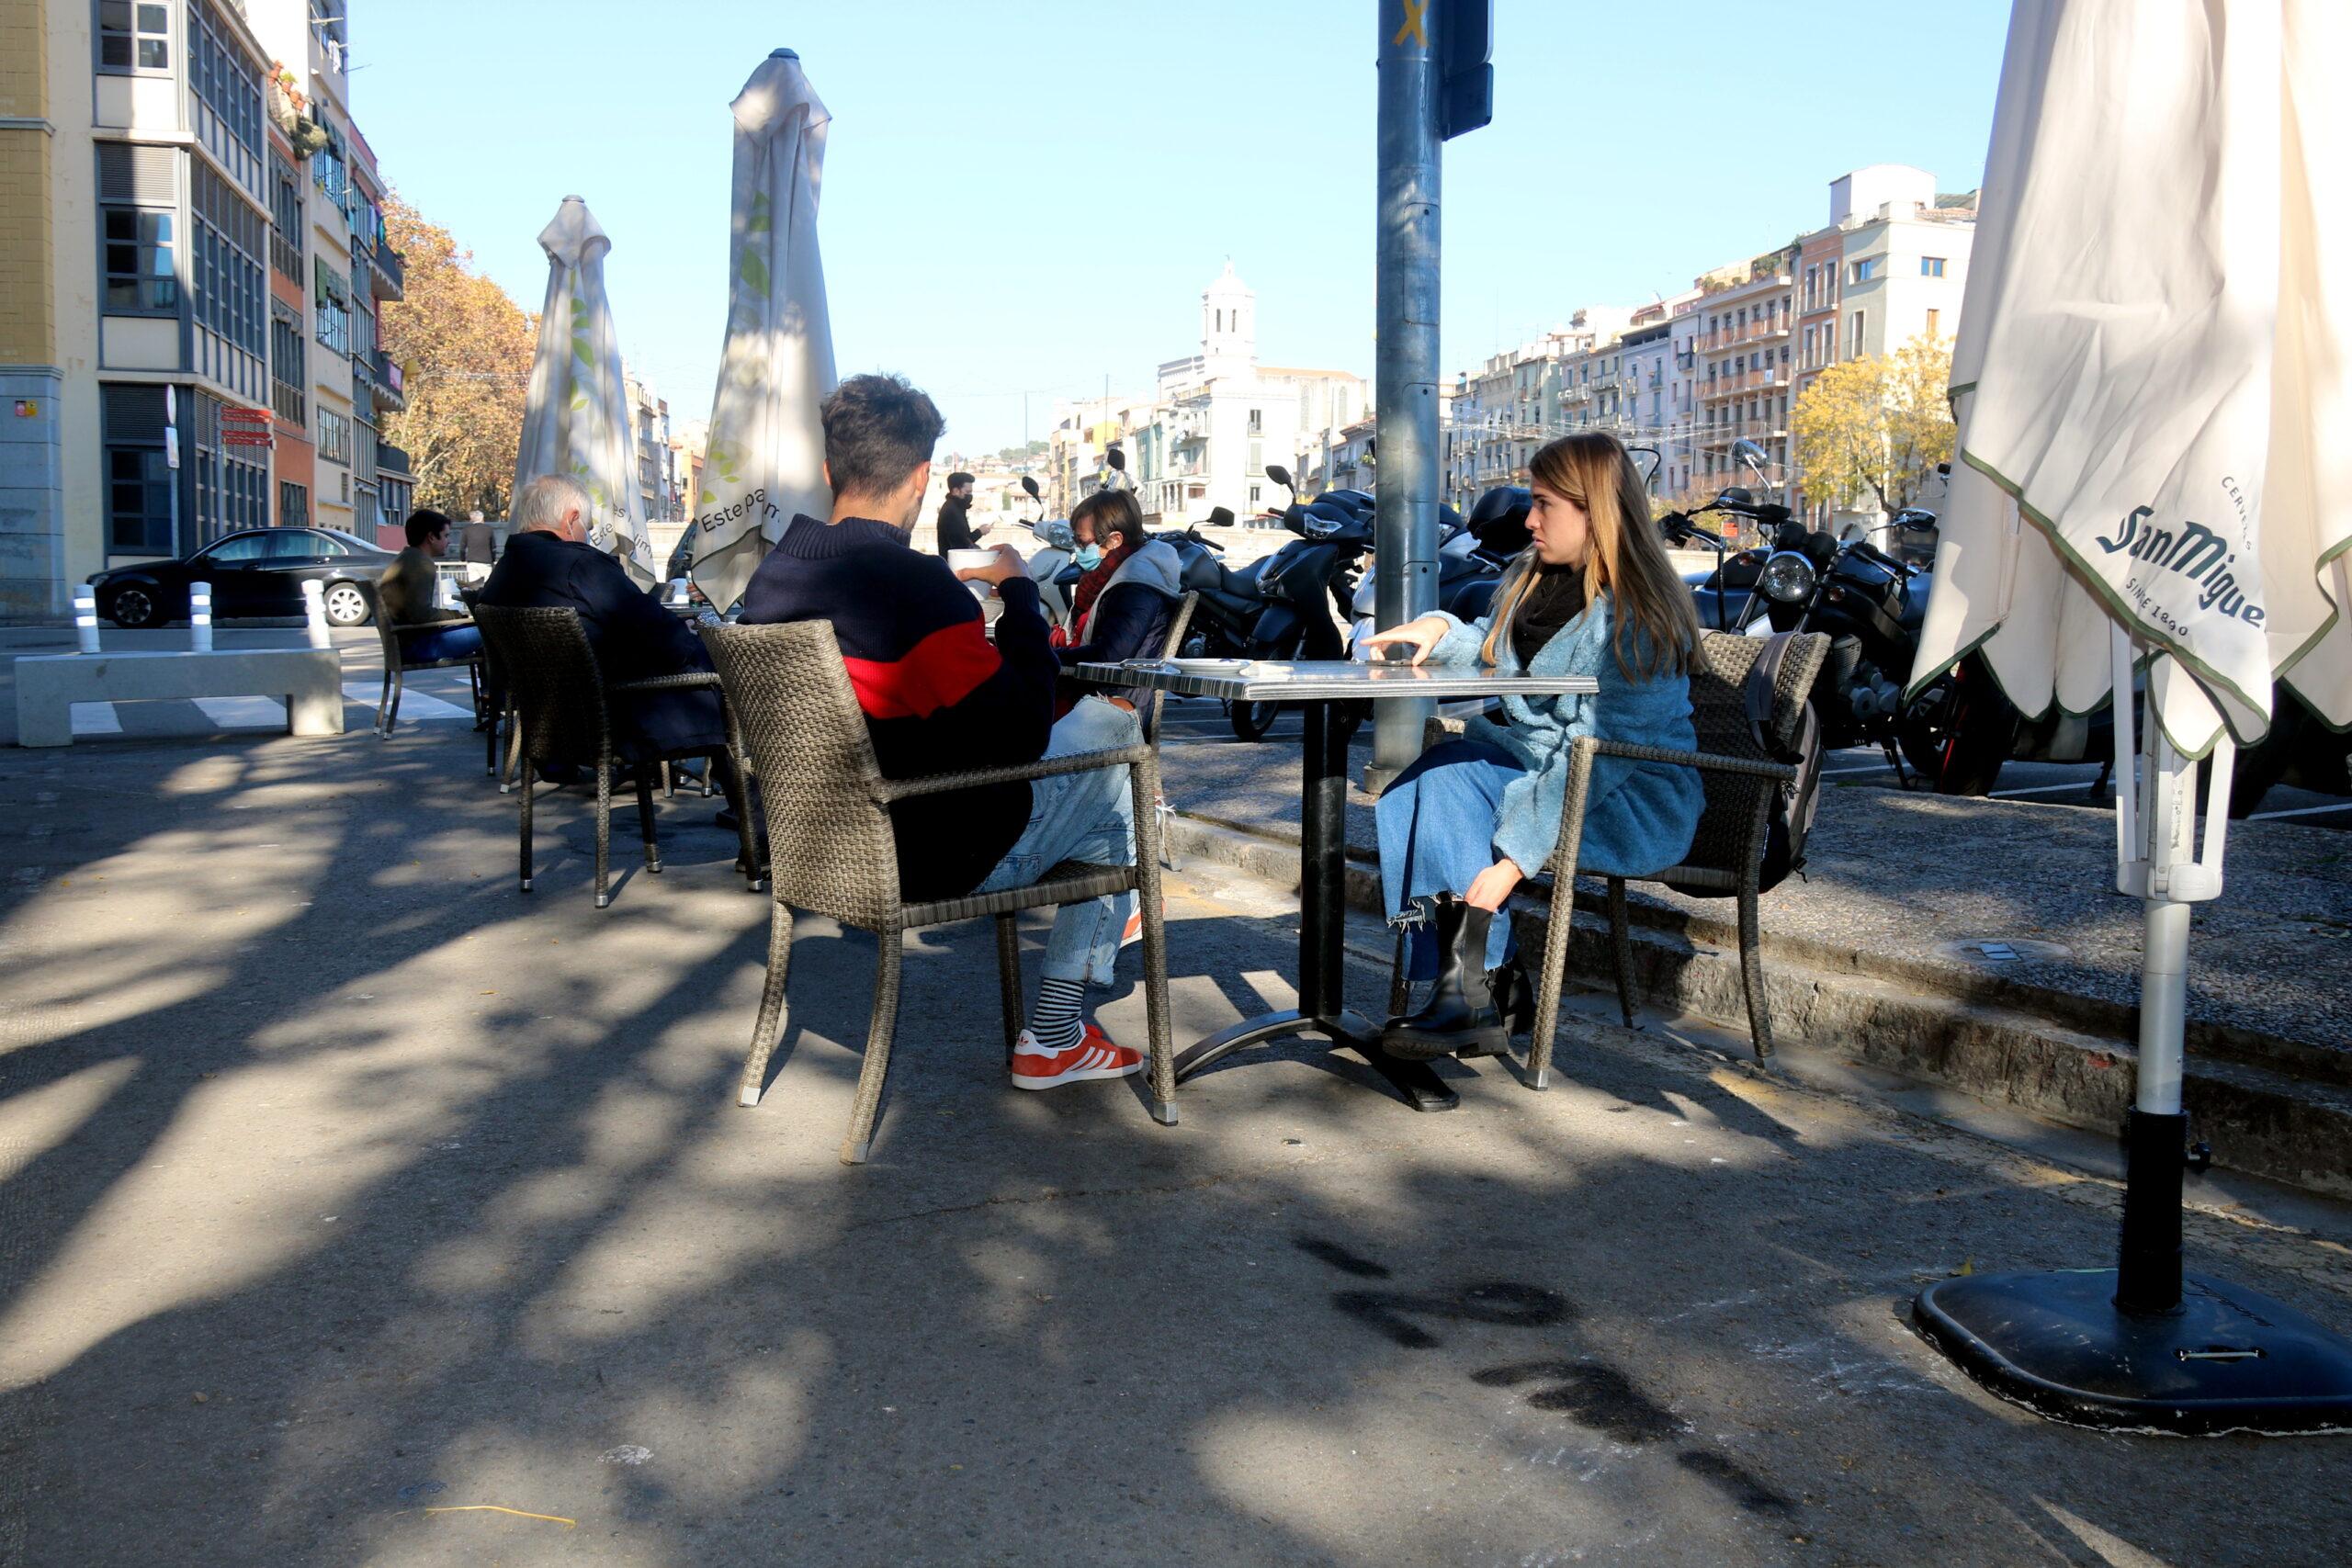 En primer terme, una pintada a l'asfalt que marca la separació de 2 metres; al fons, taules d'un bar a la plaça Catalunya de Girona   ACN